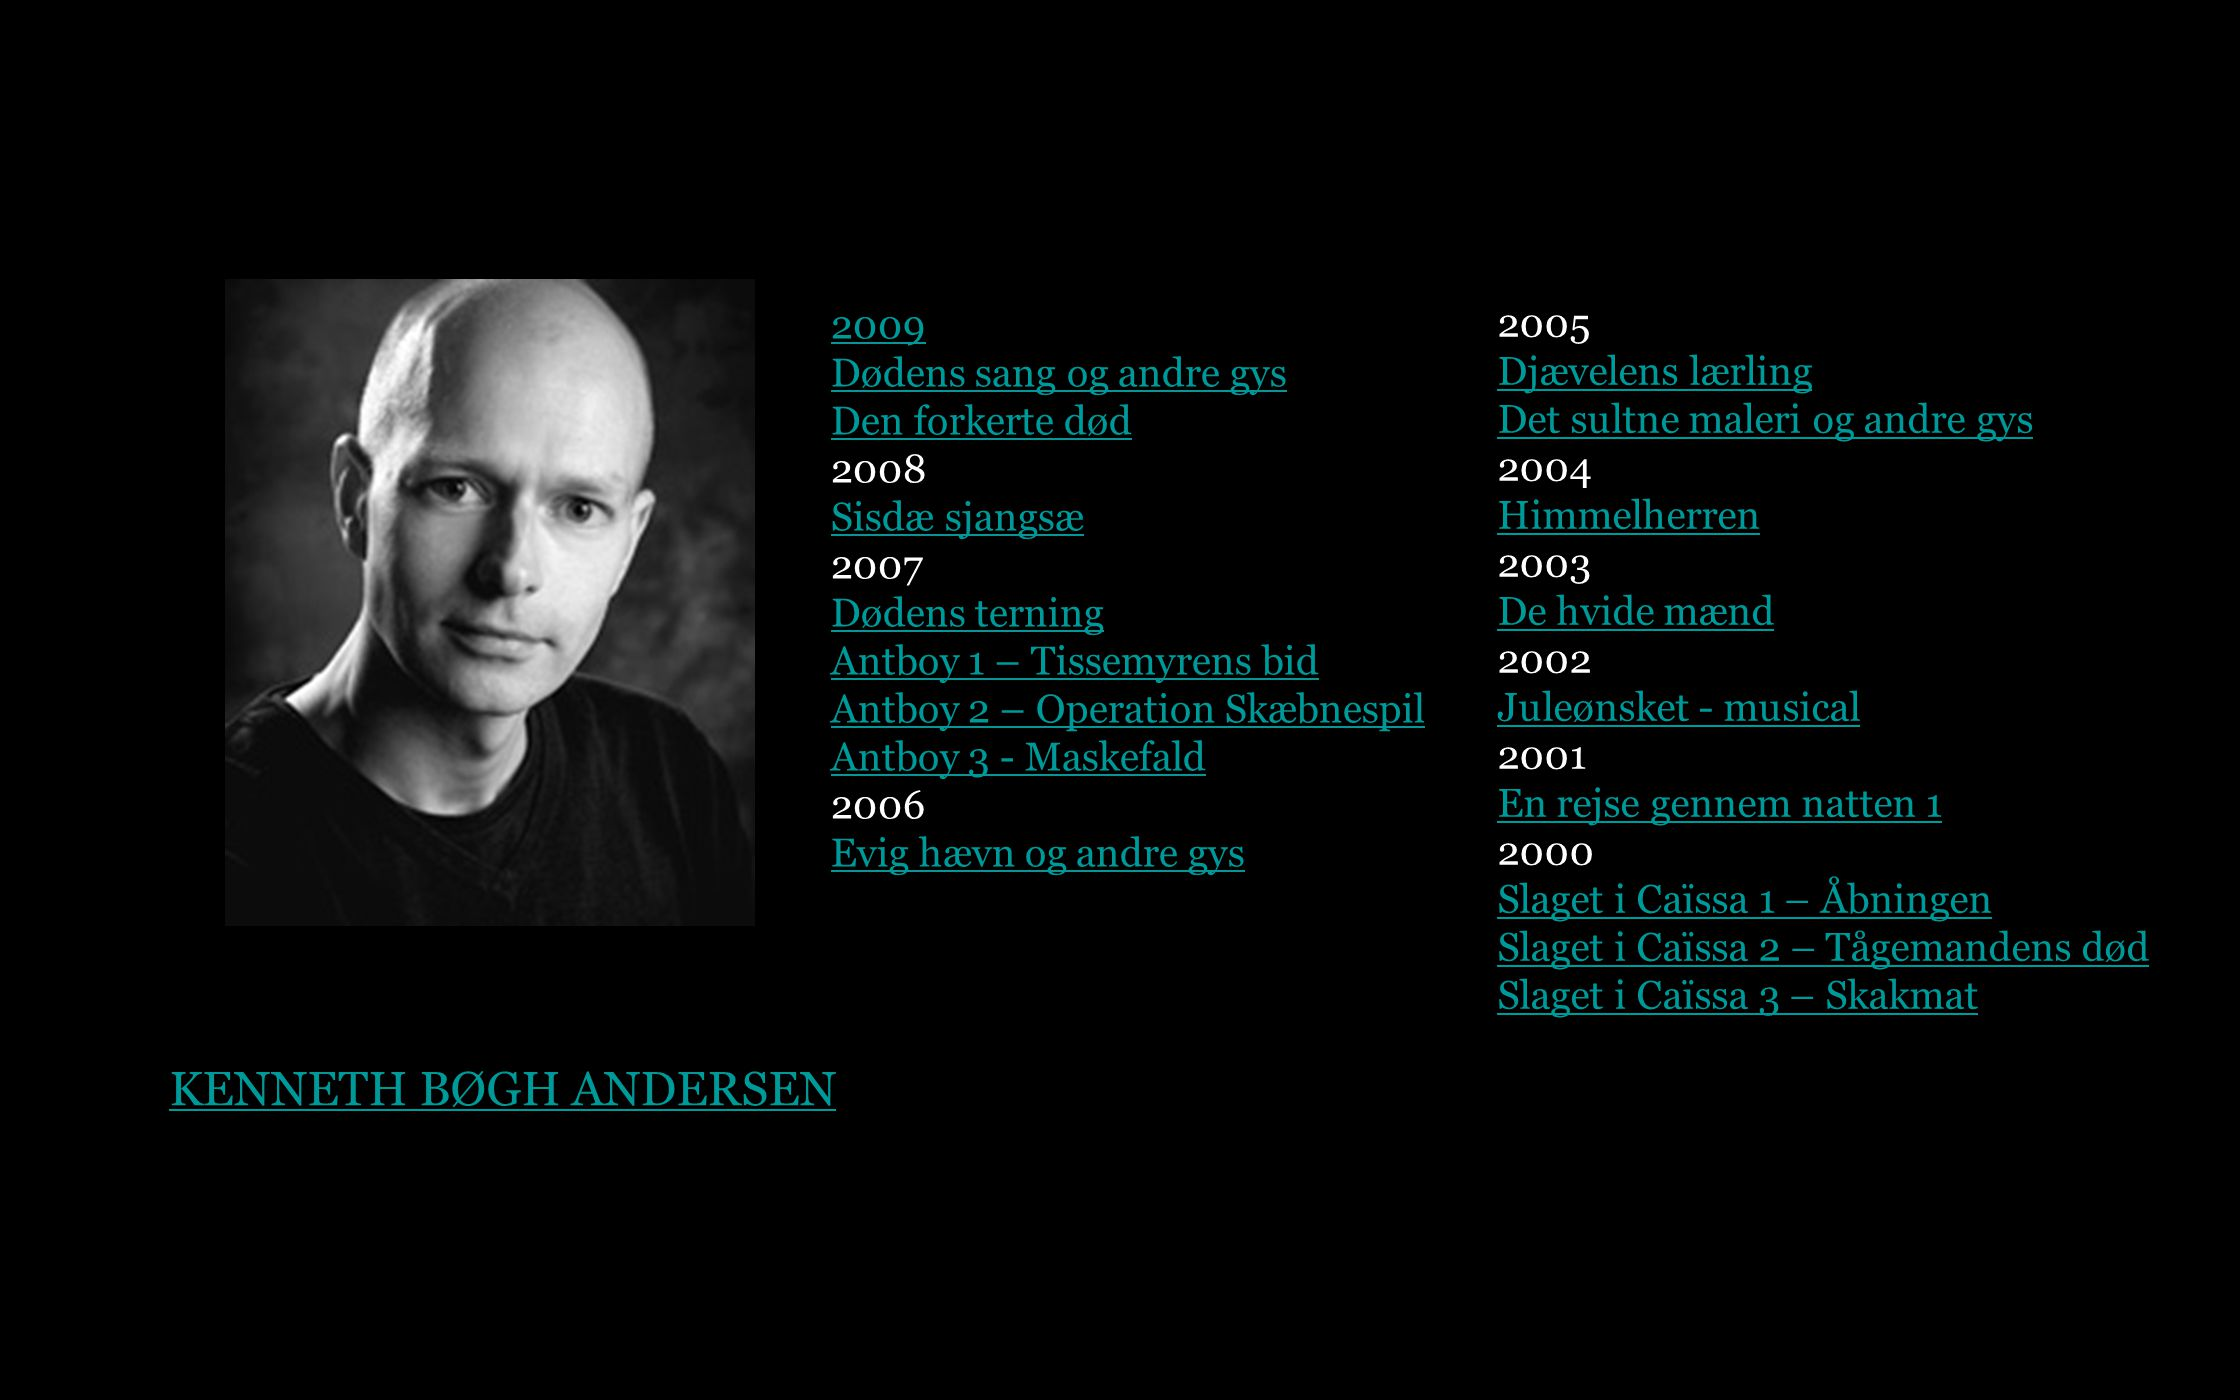 KENNETH BØGH ANDERSEN 2009 Dødens sang og andre gys Den forkerte død